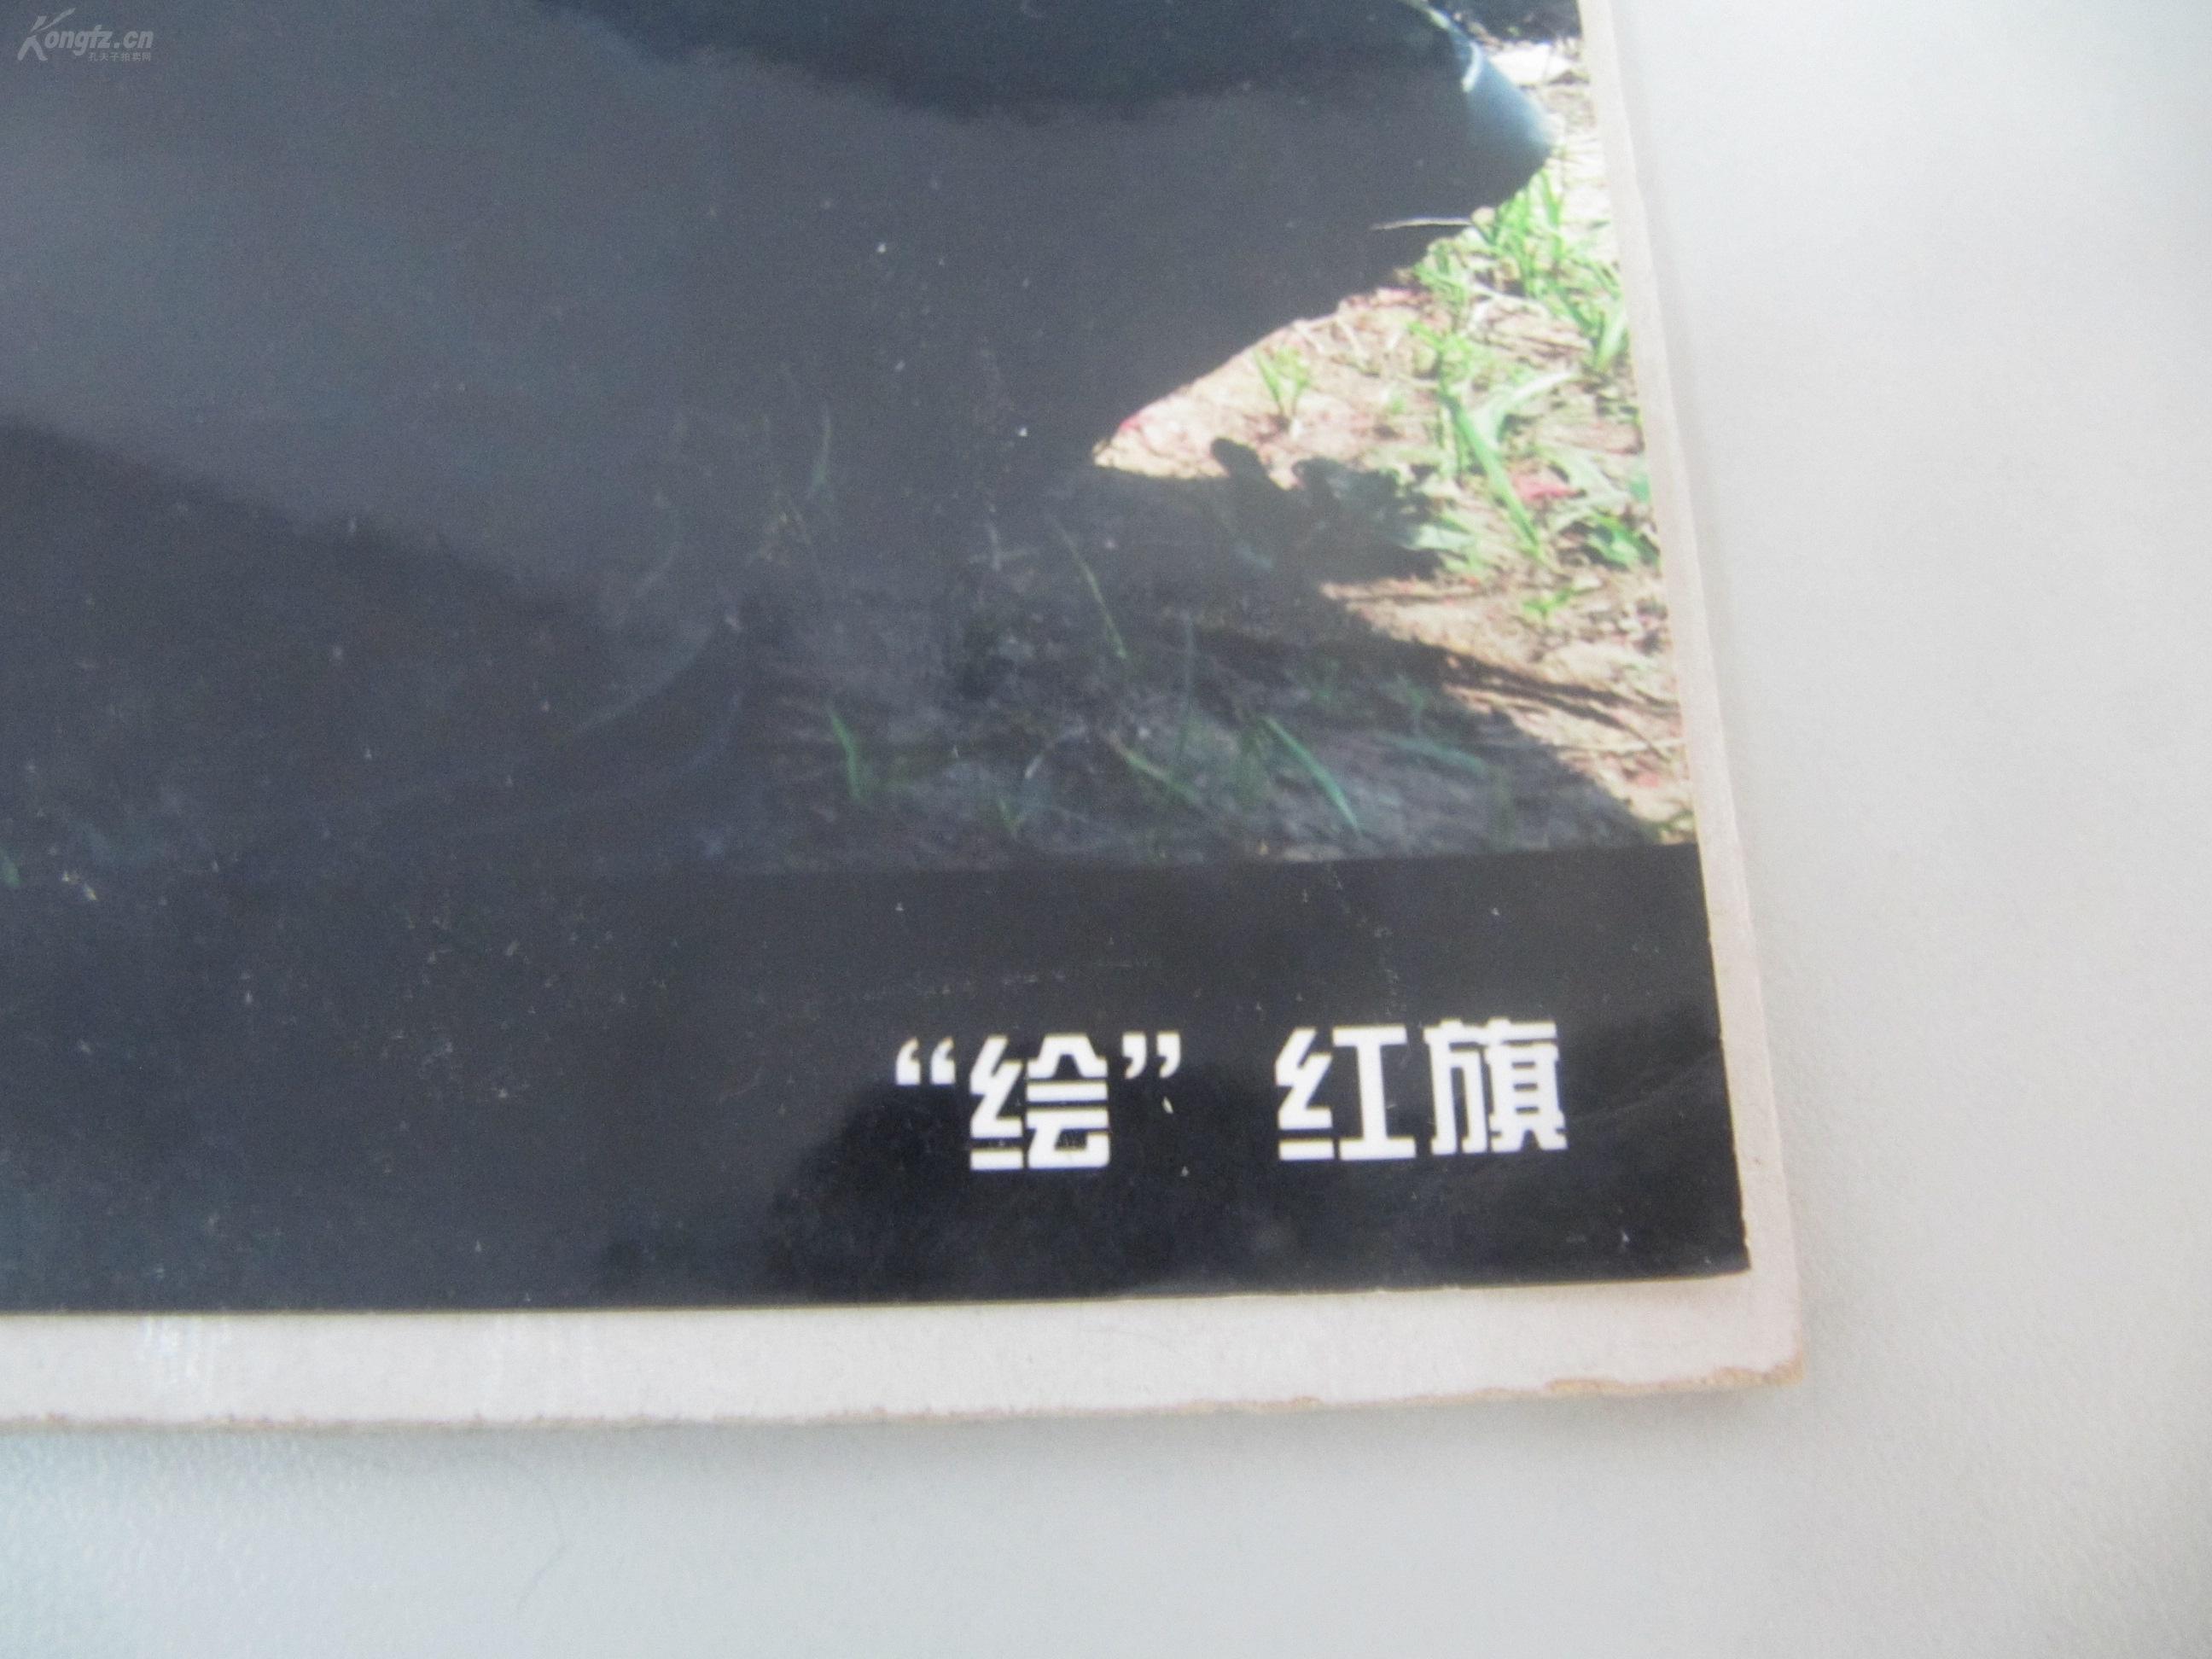 李福清 军旅摄影照片一张 绘 红旗 尺寸25 20厘米